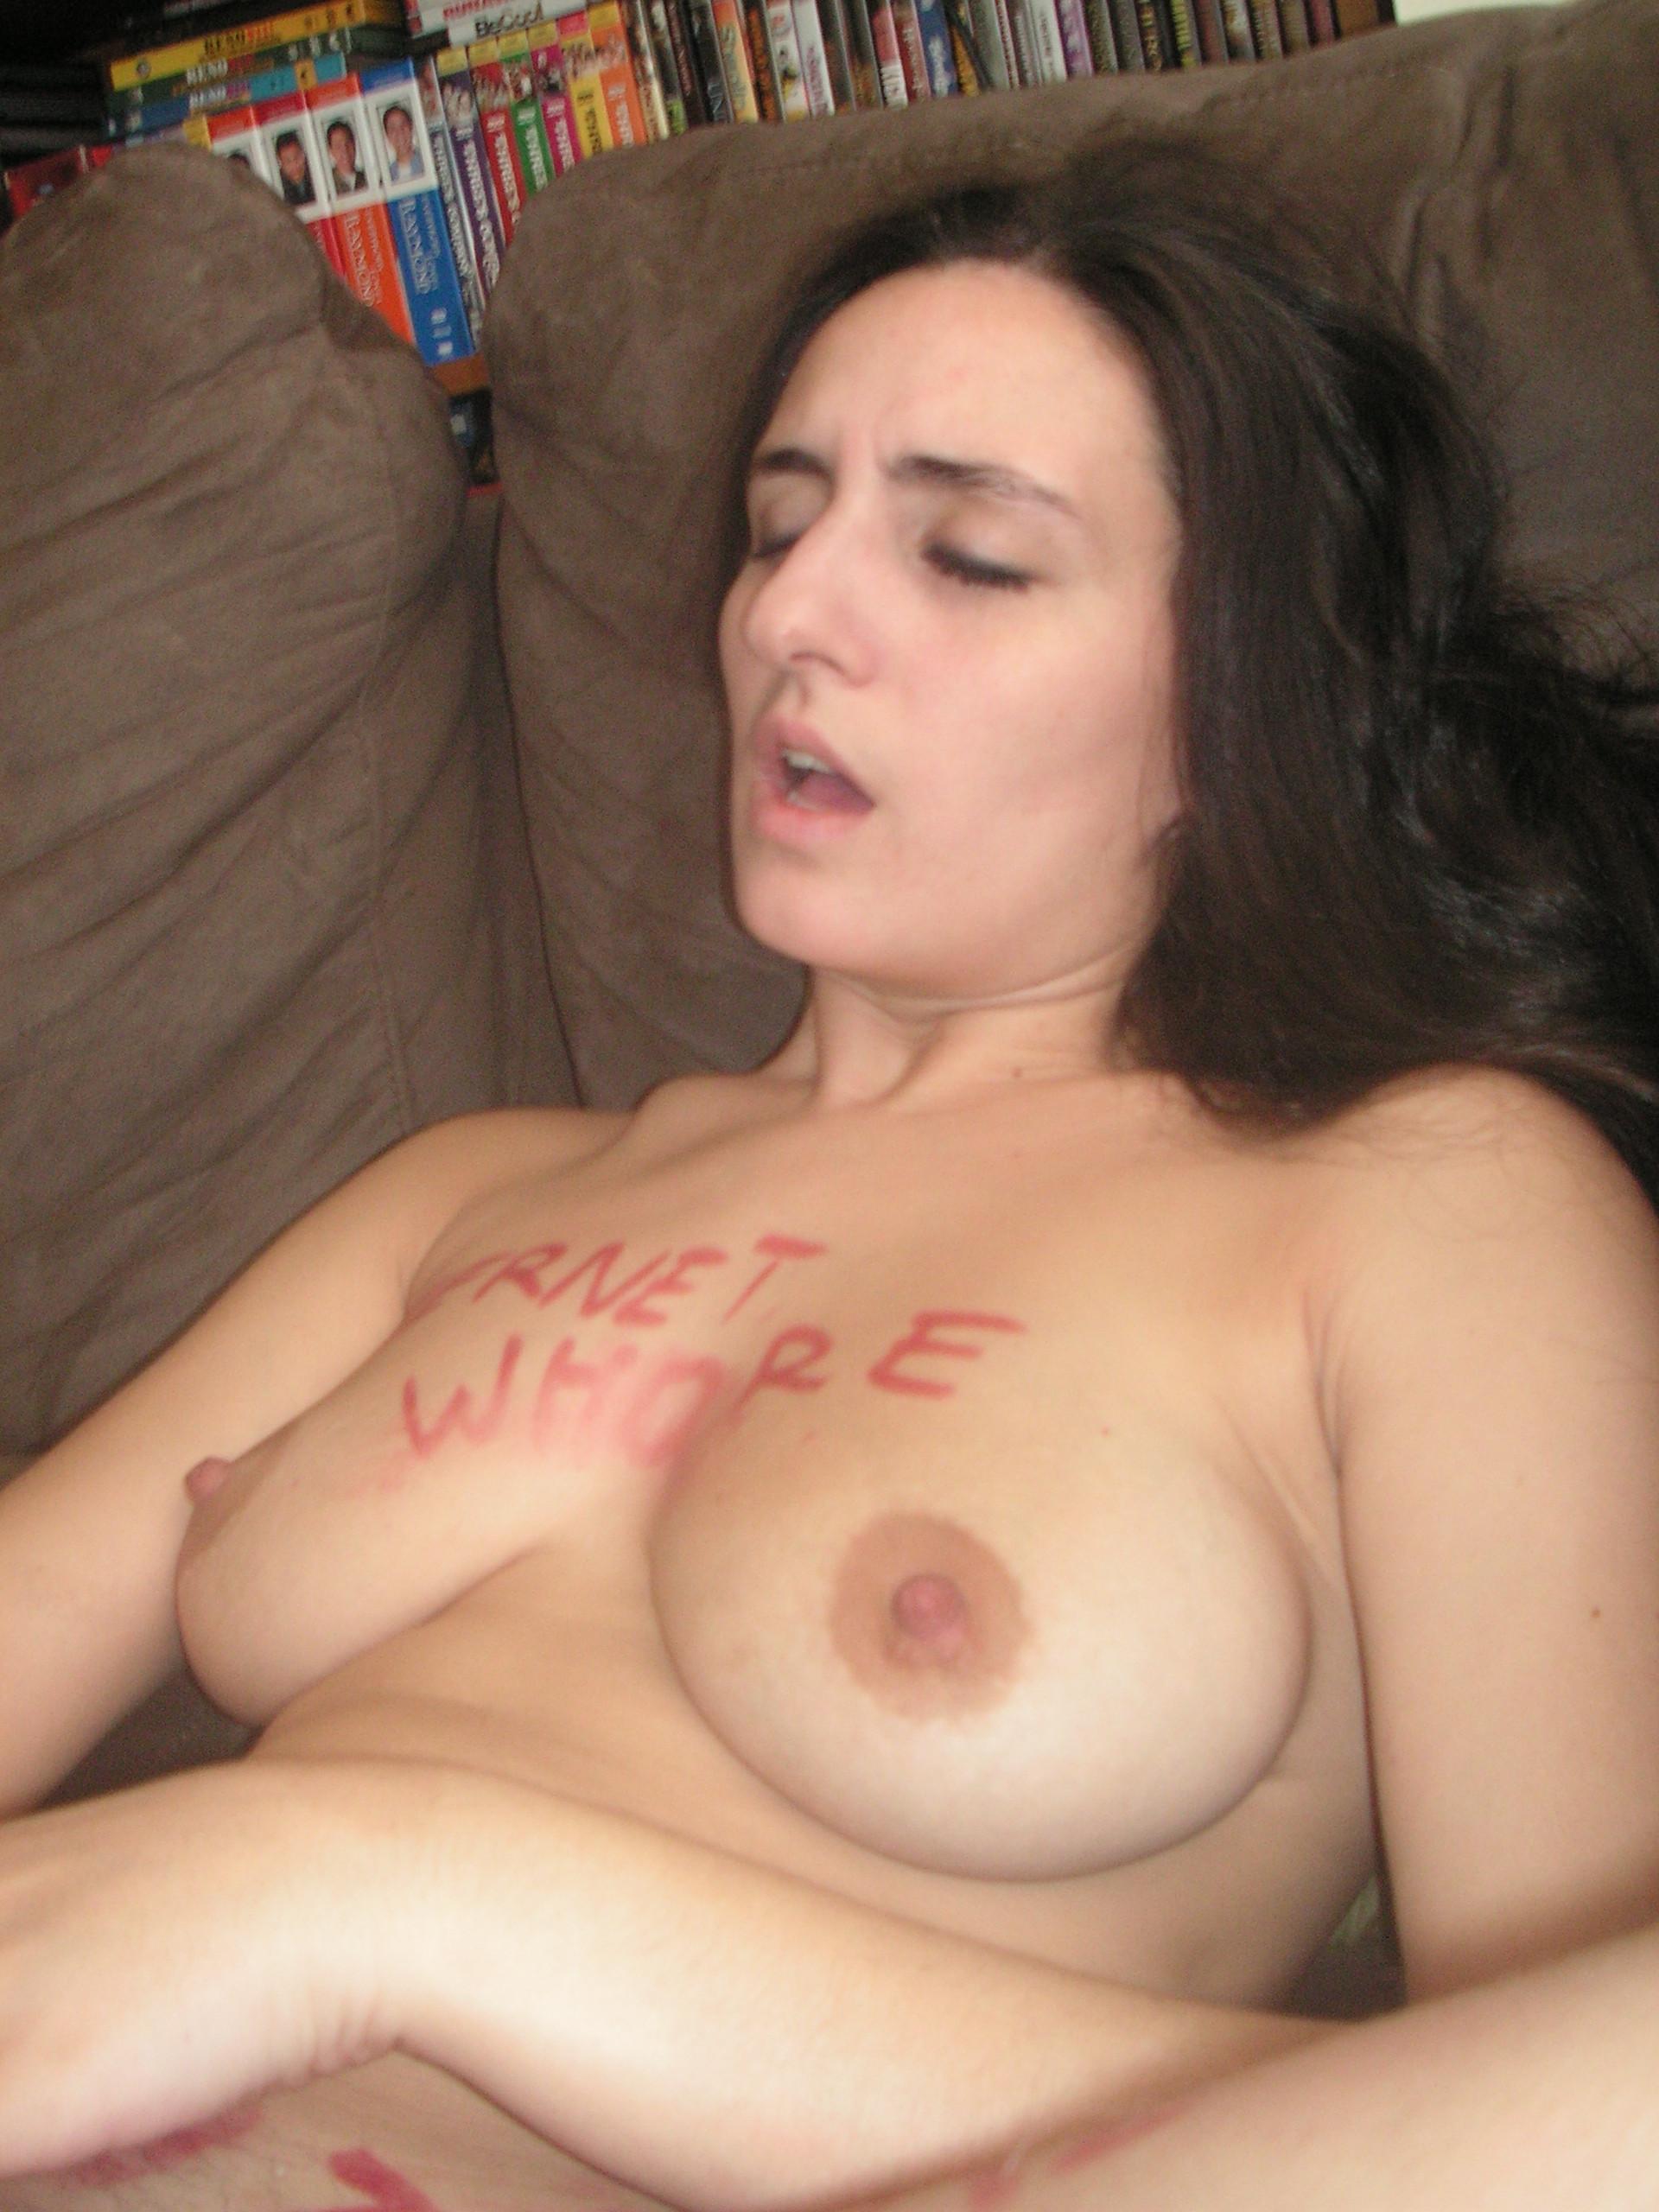 amateur Busty nude brunette